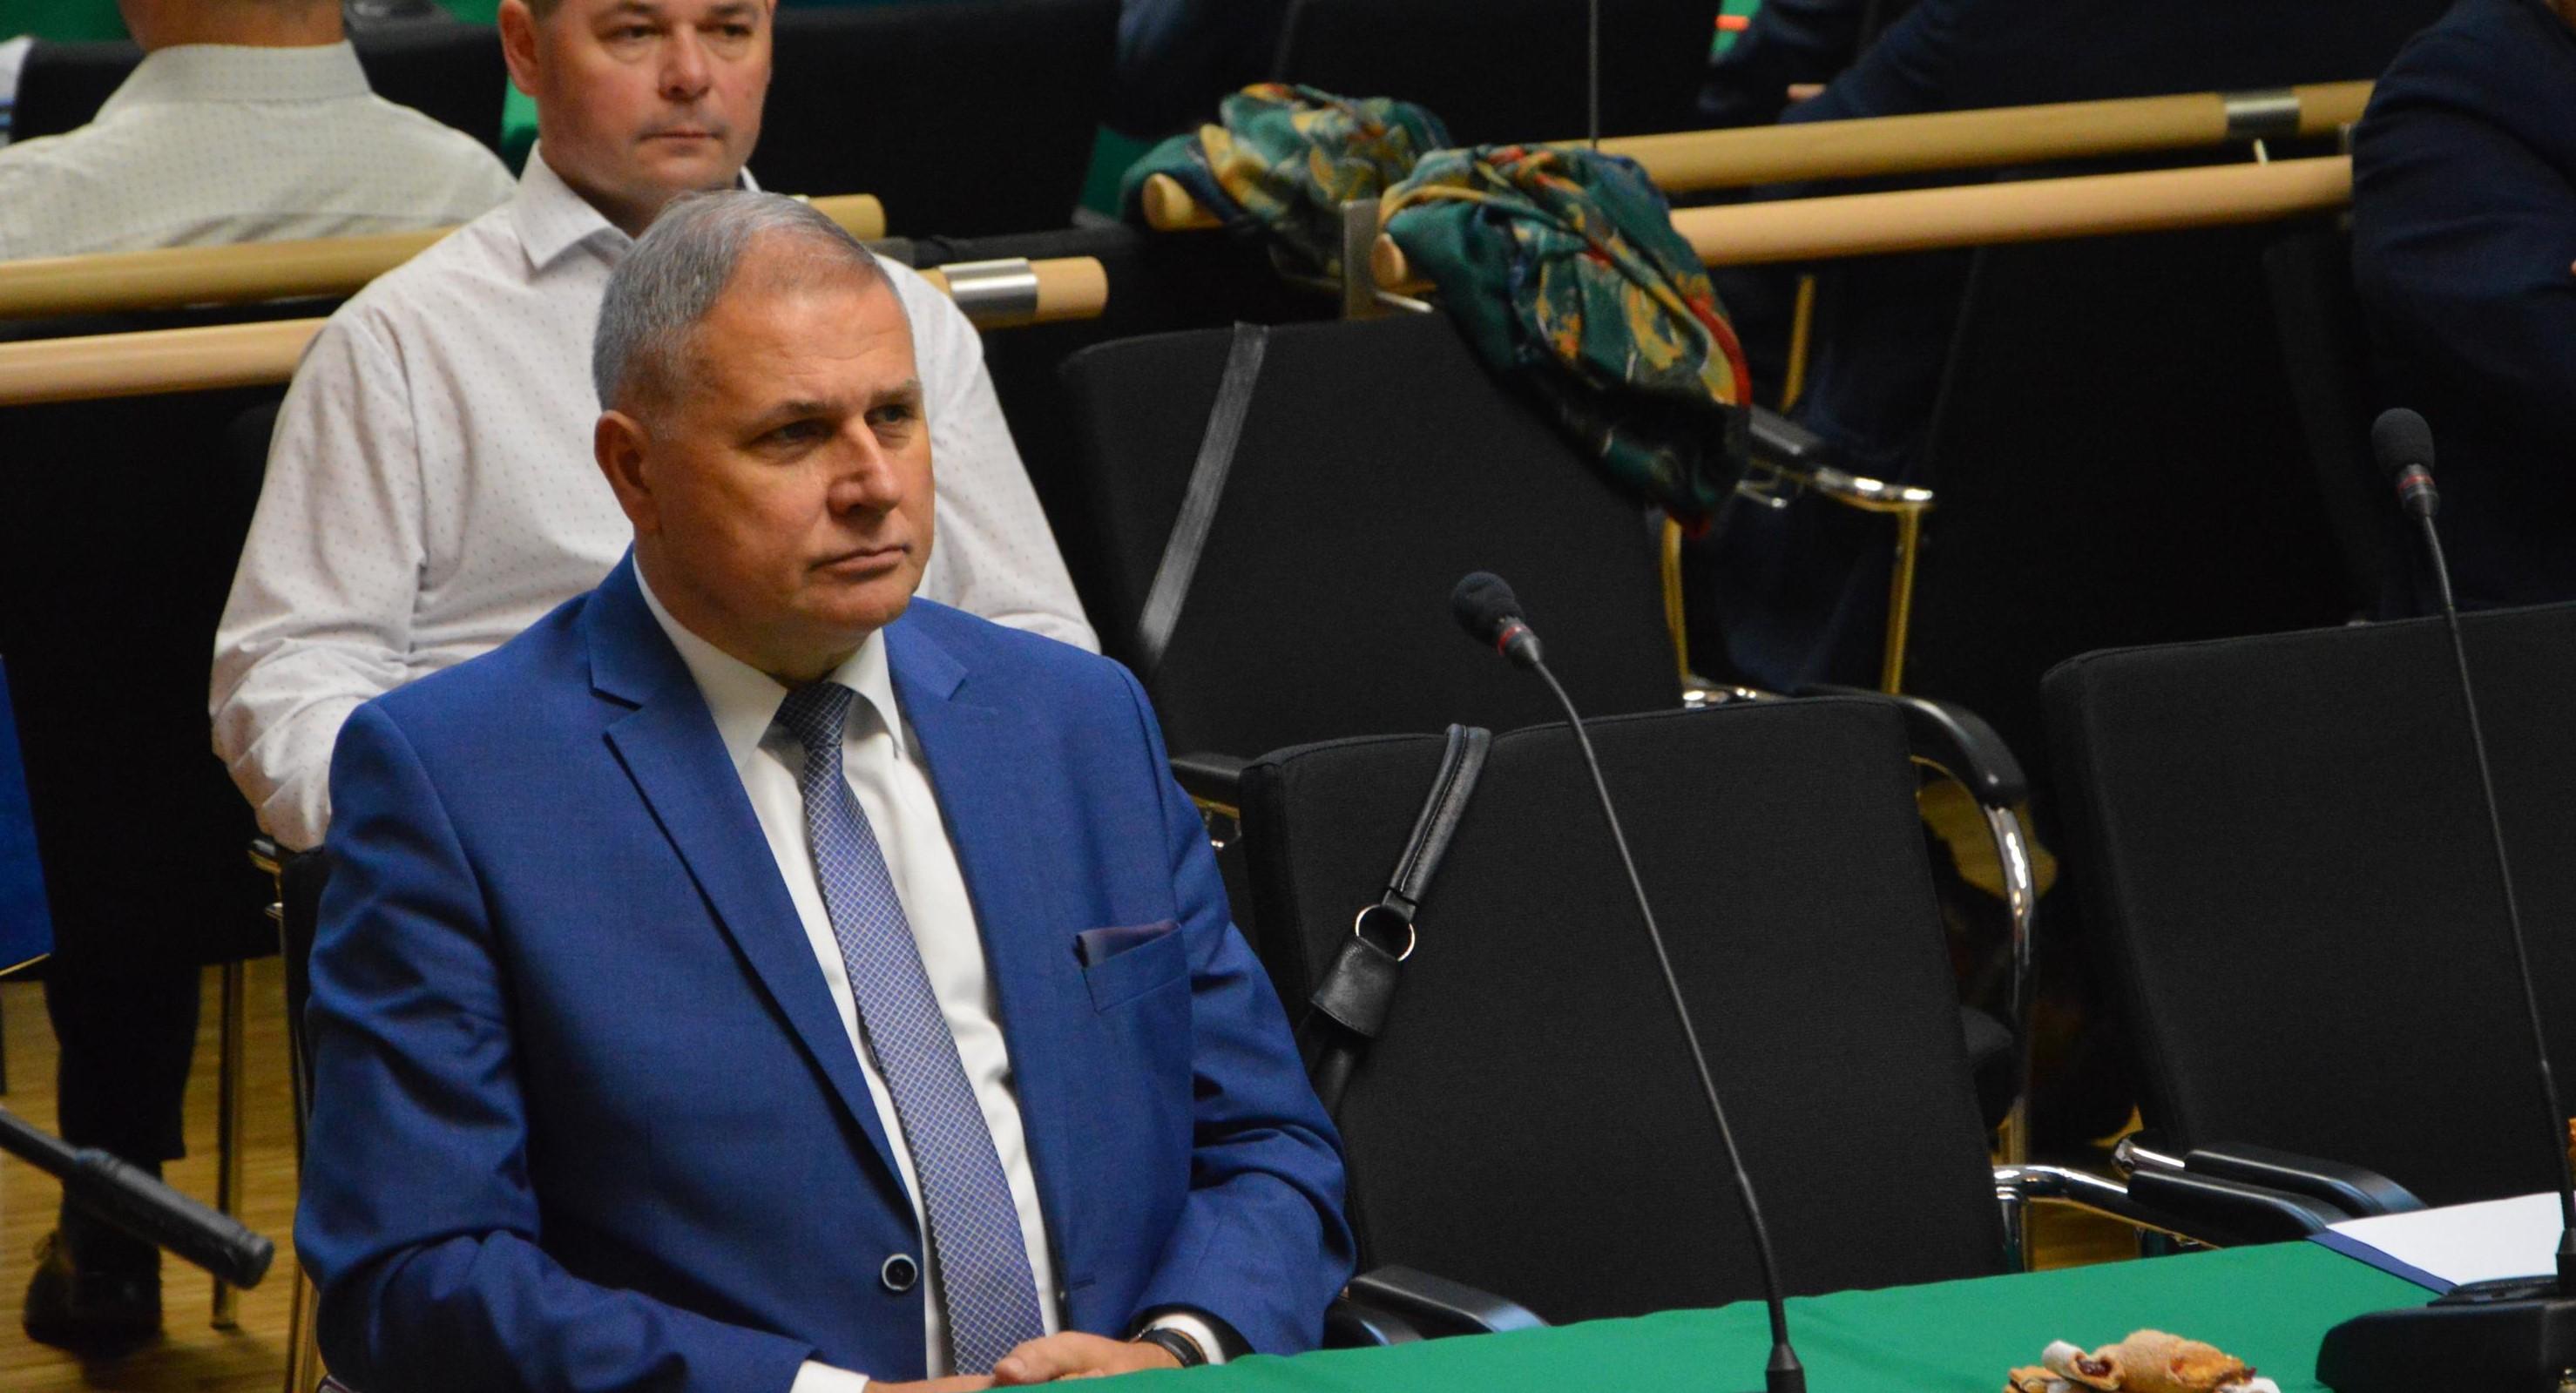 Burmistrz Andrychowa po przebytym koronawirusie: nie życzę nikomu żeby na to zachorował